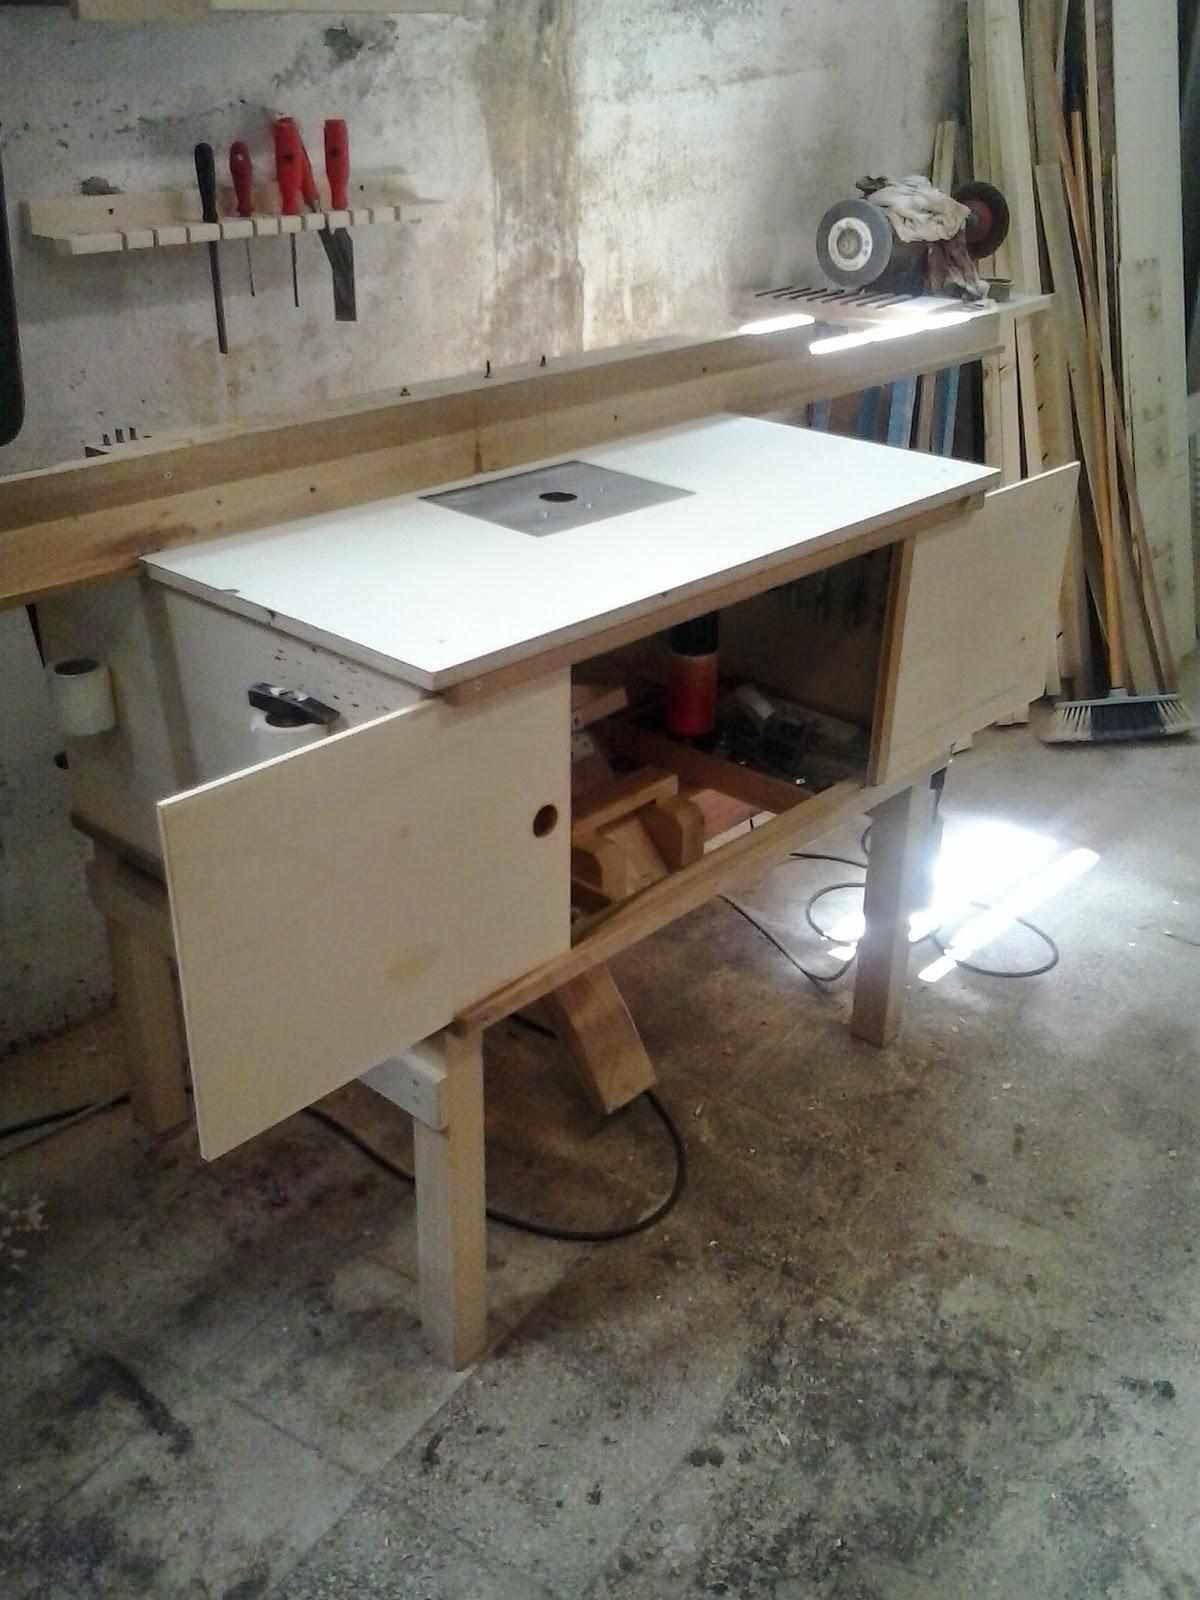 Artigianato fai da te made in italy legno metalli e for Banco fresa fai da te progetto